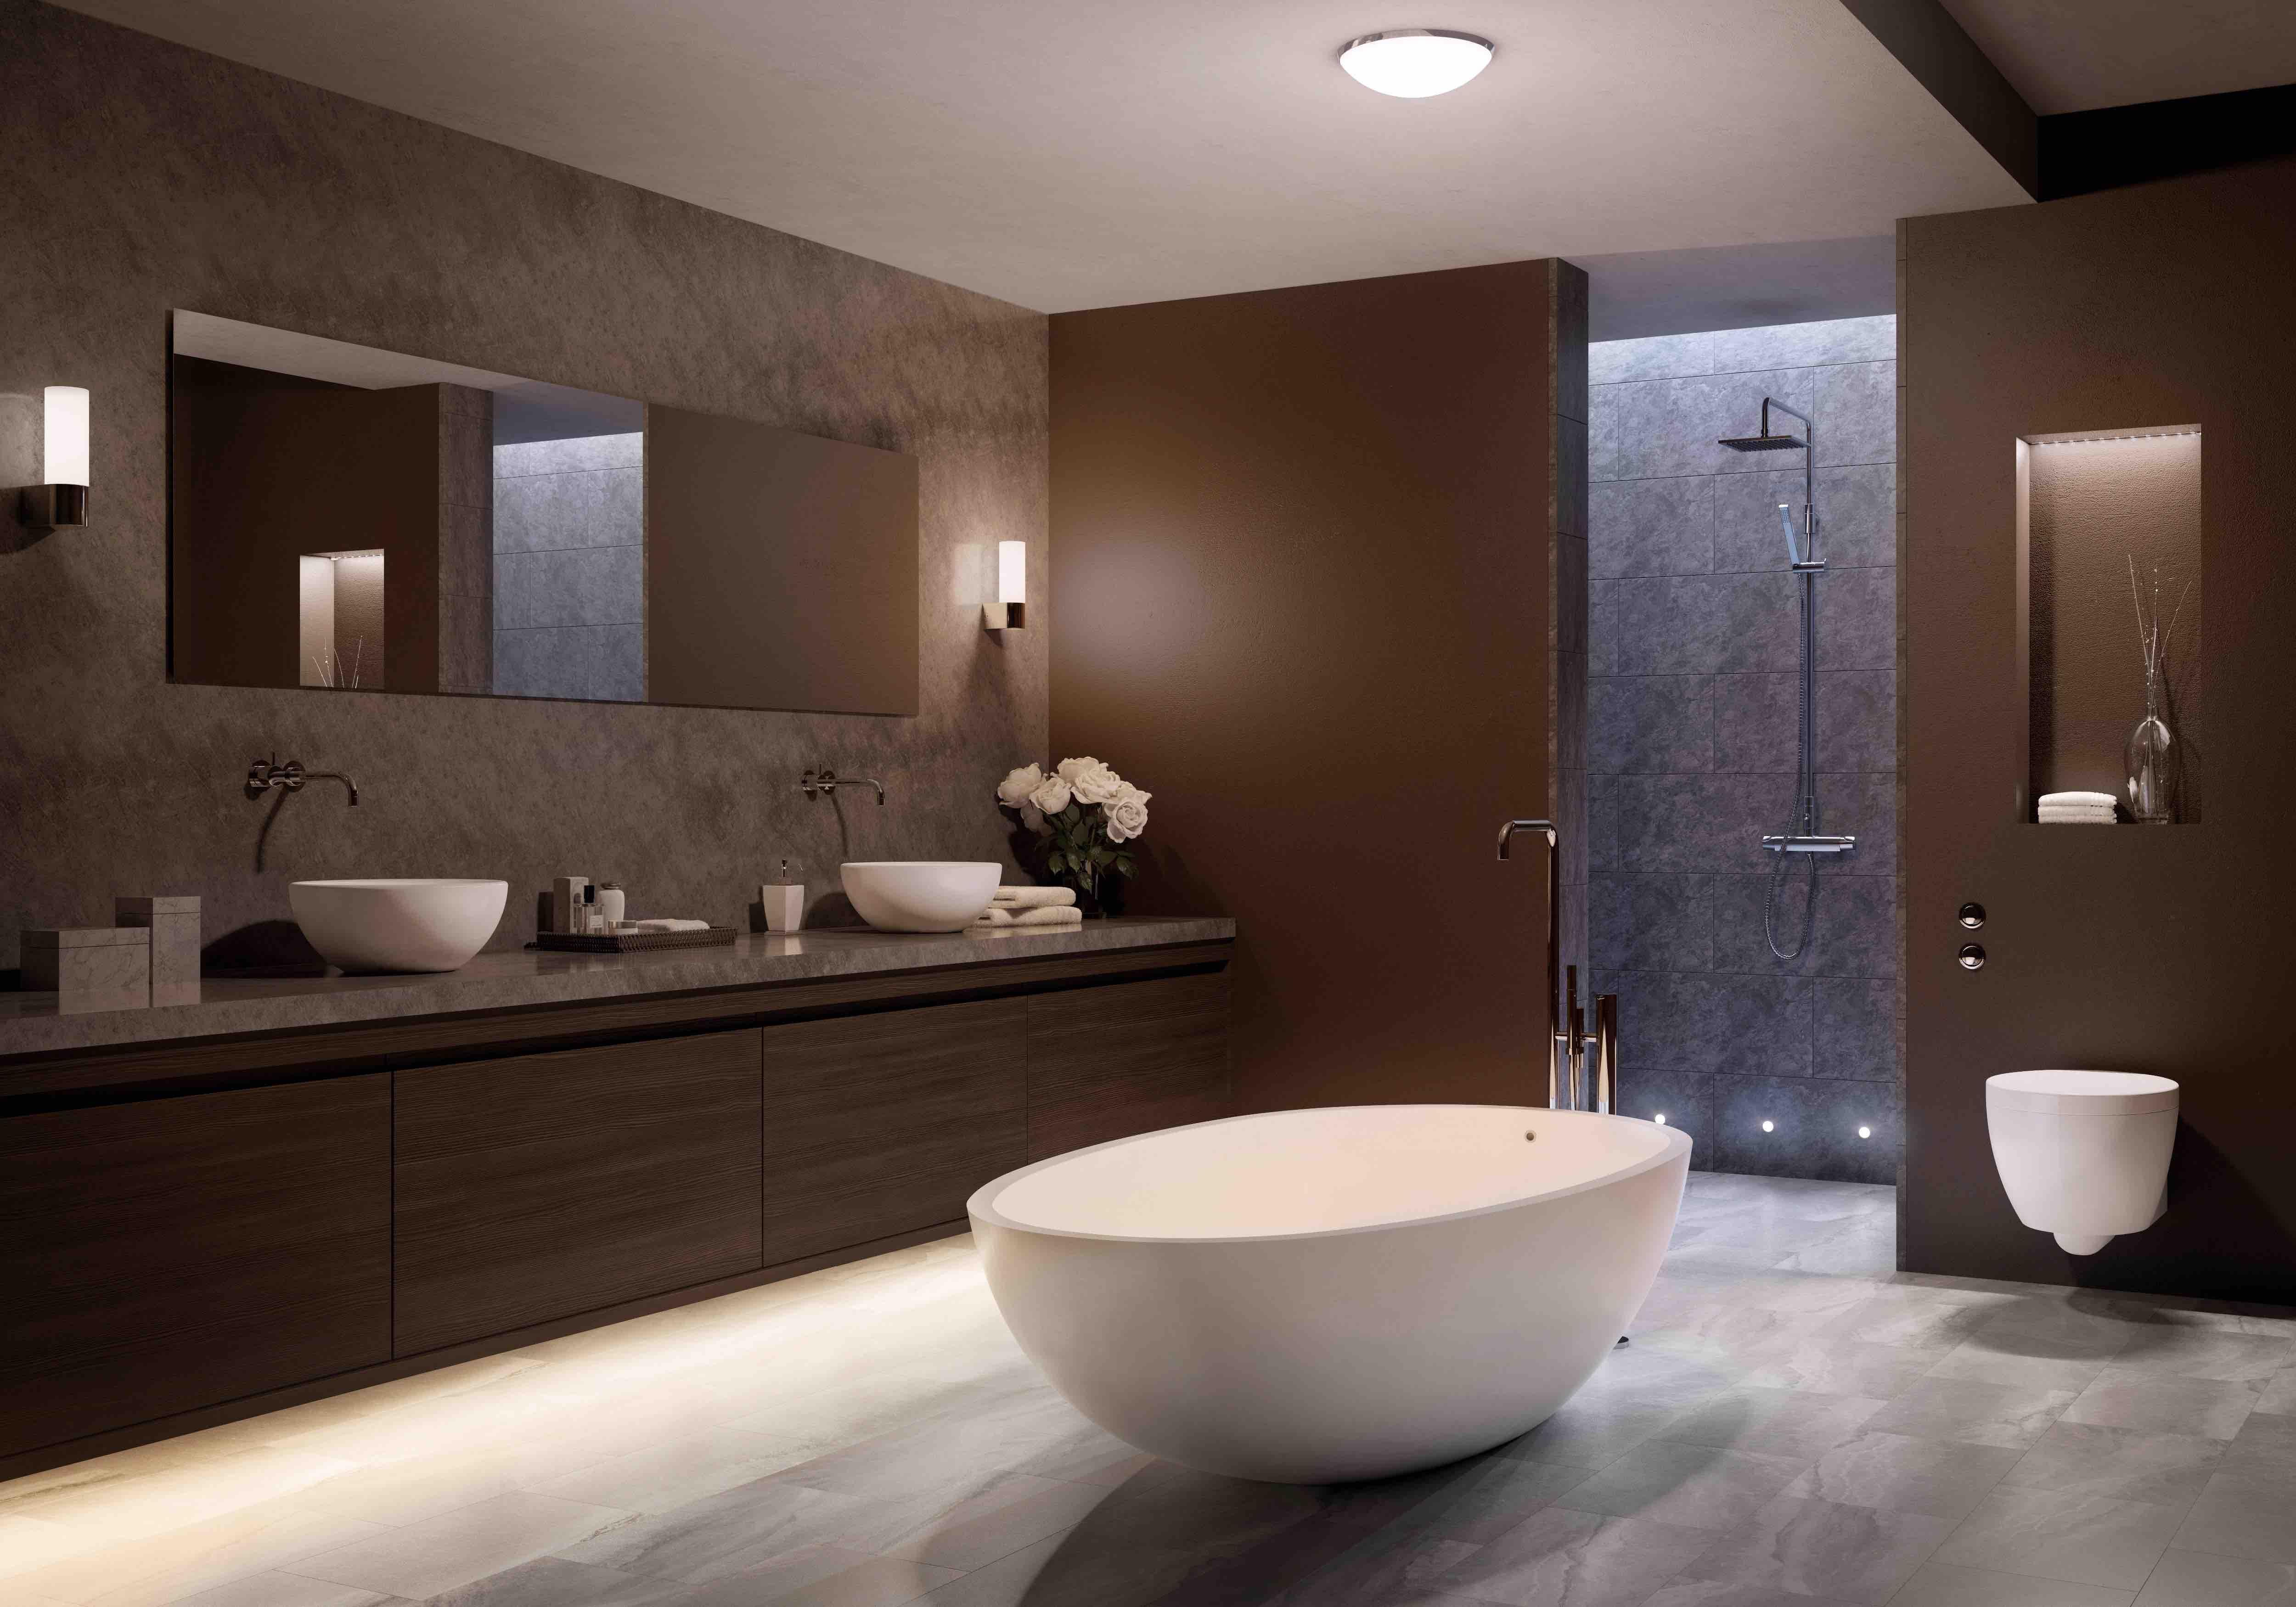 Badkamer Plafond Ideeen : Badkamerverlichting slimme tips en ideeën